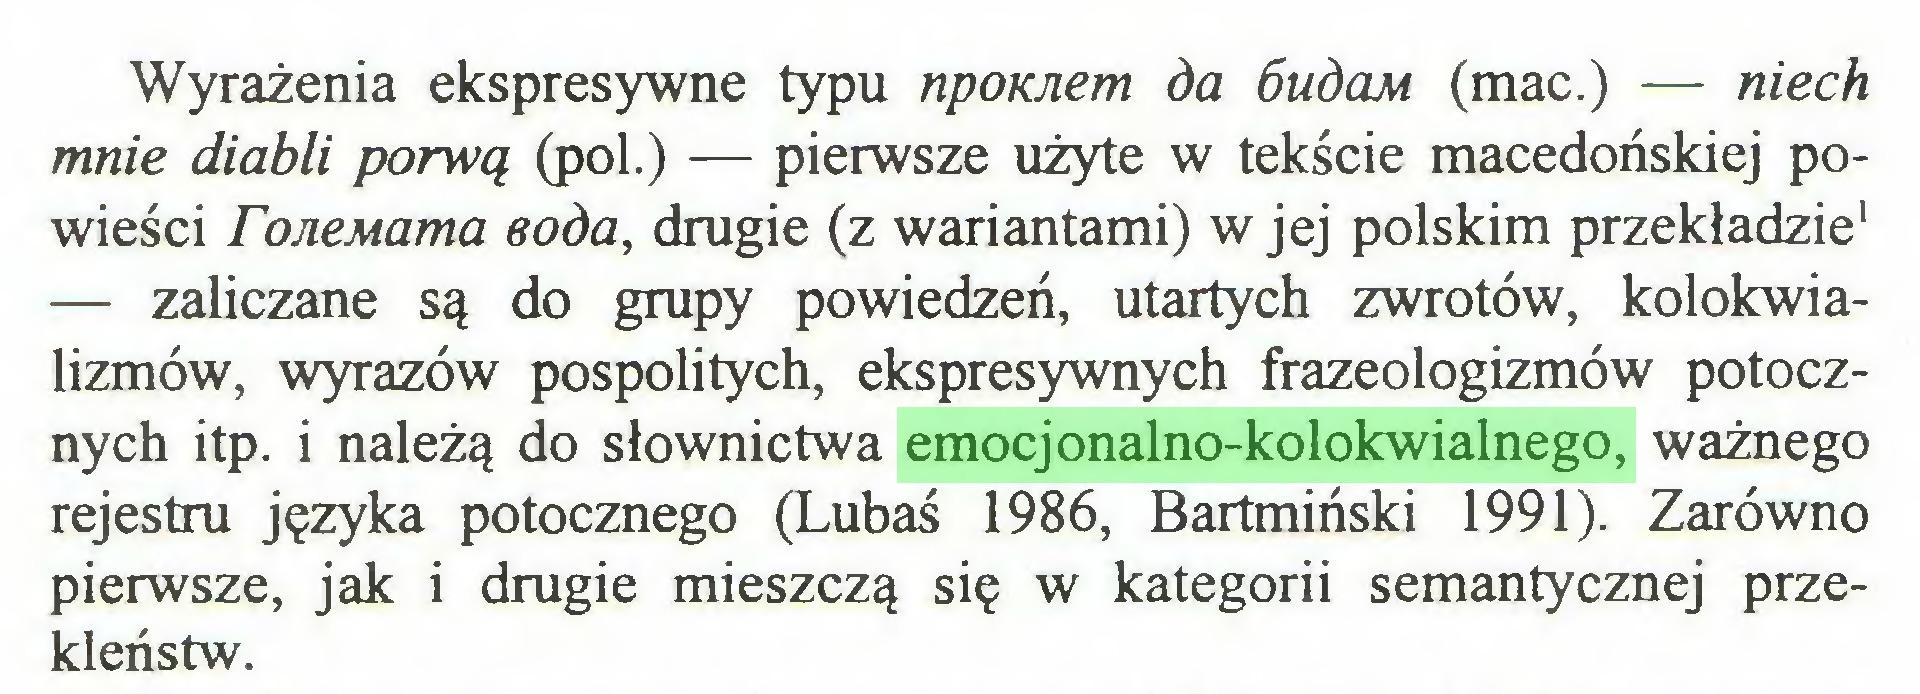 (...) Wyrażenia ekspresywne typu npoKJiem da óuóom (mac.) — niech mnie diabli porwą (poi.) — pierwsze użyte w tekście macedońskiej powieści roneMama soda, drugie (z wariantami) w jej polskim przekładzie1 — zaliczane są do grupy powiedzeń, utartych zwrotów, kolokwializmów, wyrazów pospolitych, ekspresywnych frazeologizmów potocznych itp. i należą do słownictwa emocjonalno-kolokwialnego, ważnego rejestru języka potocznego (Lubaś 1986, Bartmiński 1991). Zarówno pierwsze, jak i drugie mieszczą się w kategorii semantycznej przekleństw...